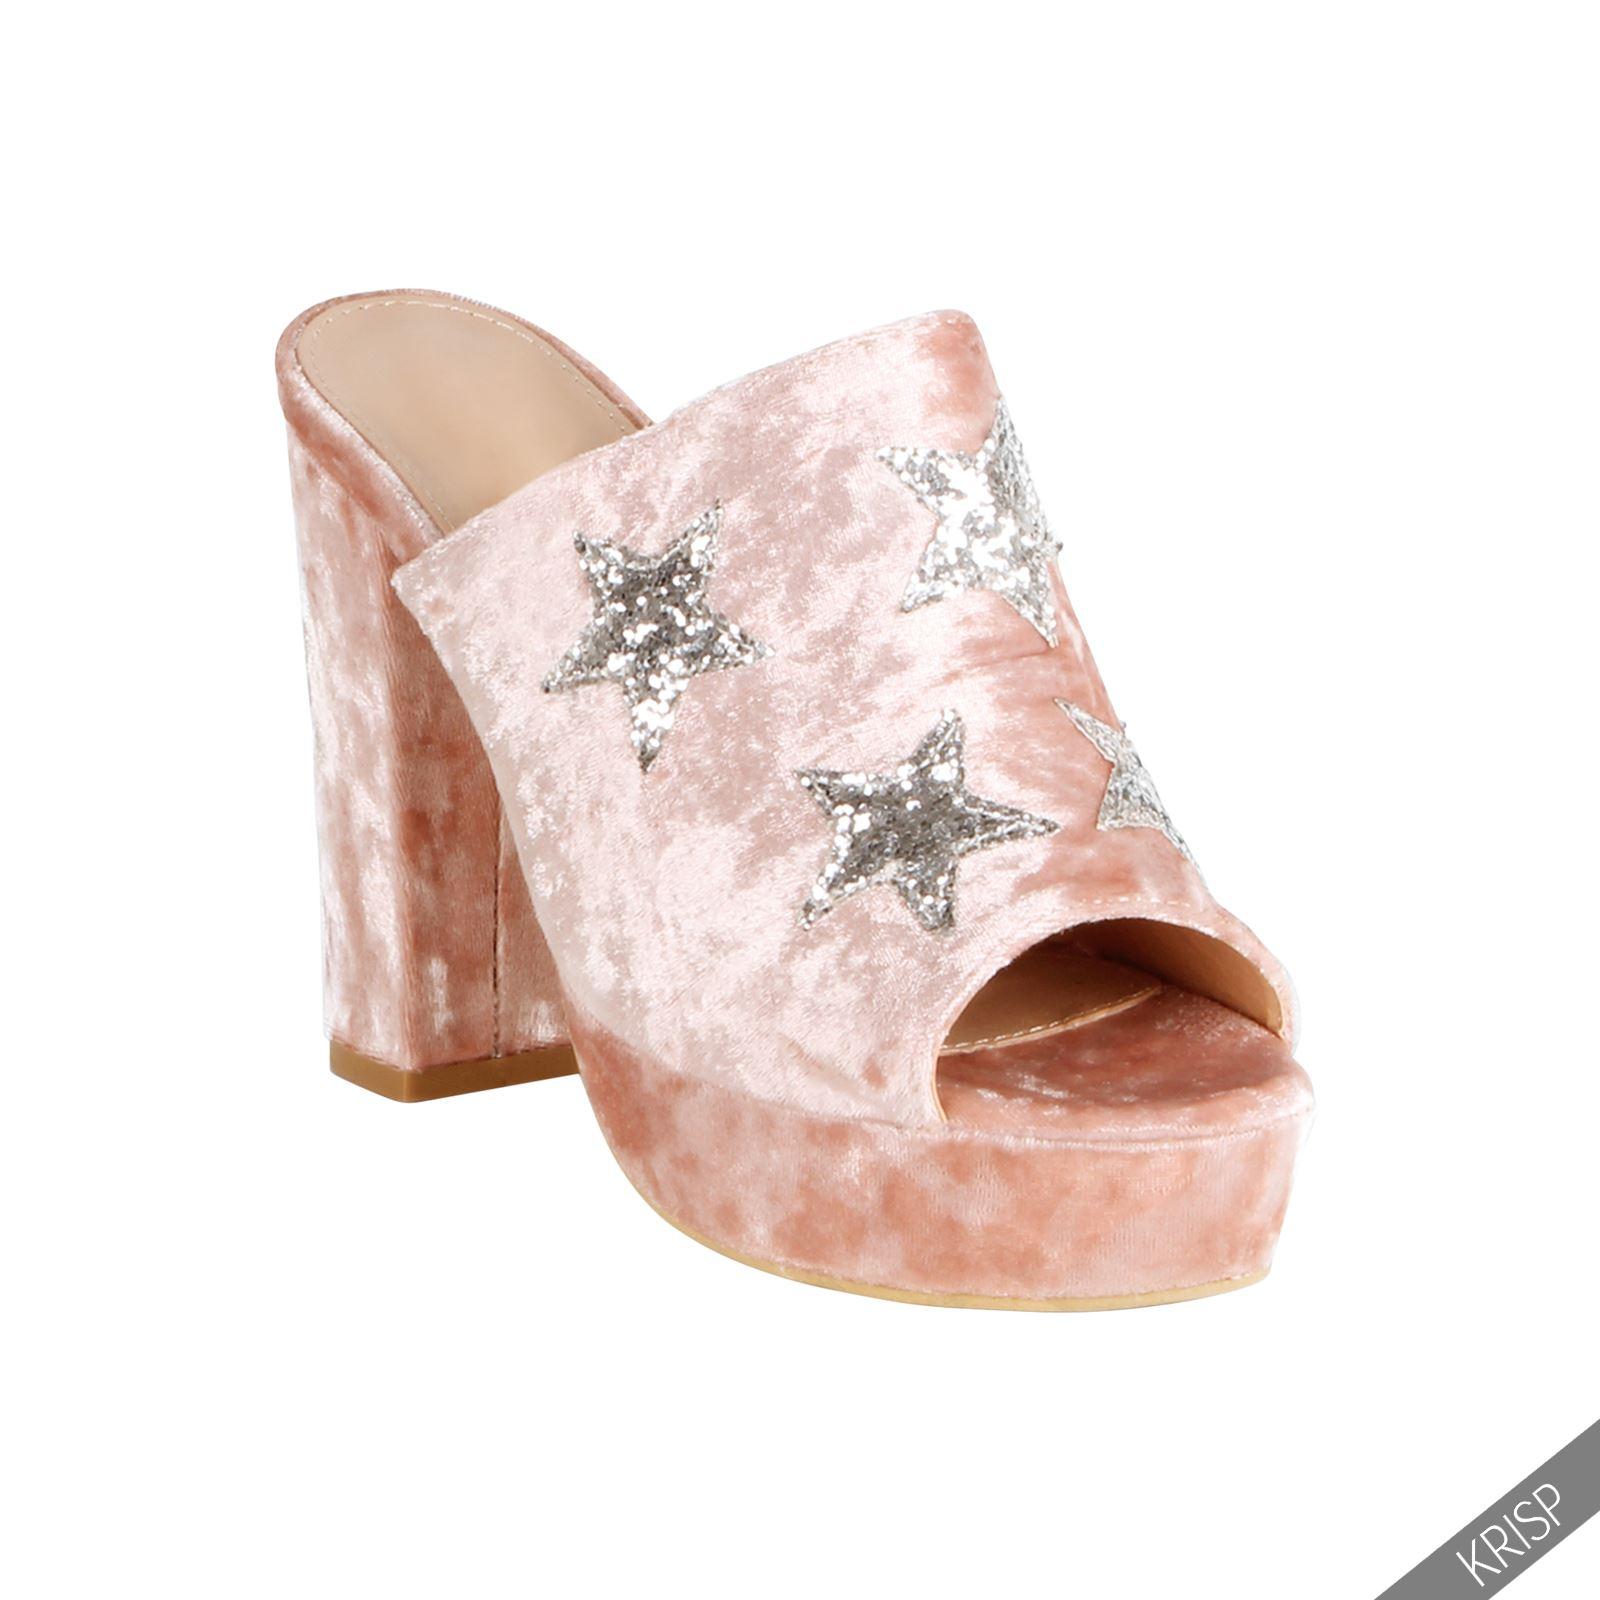 femmes sandales mules velours etoiles paillettes talon haut escarpin chaussures ebay. Black Bedroom Furniture Sets. Home Design Ideas